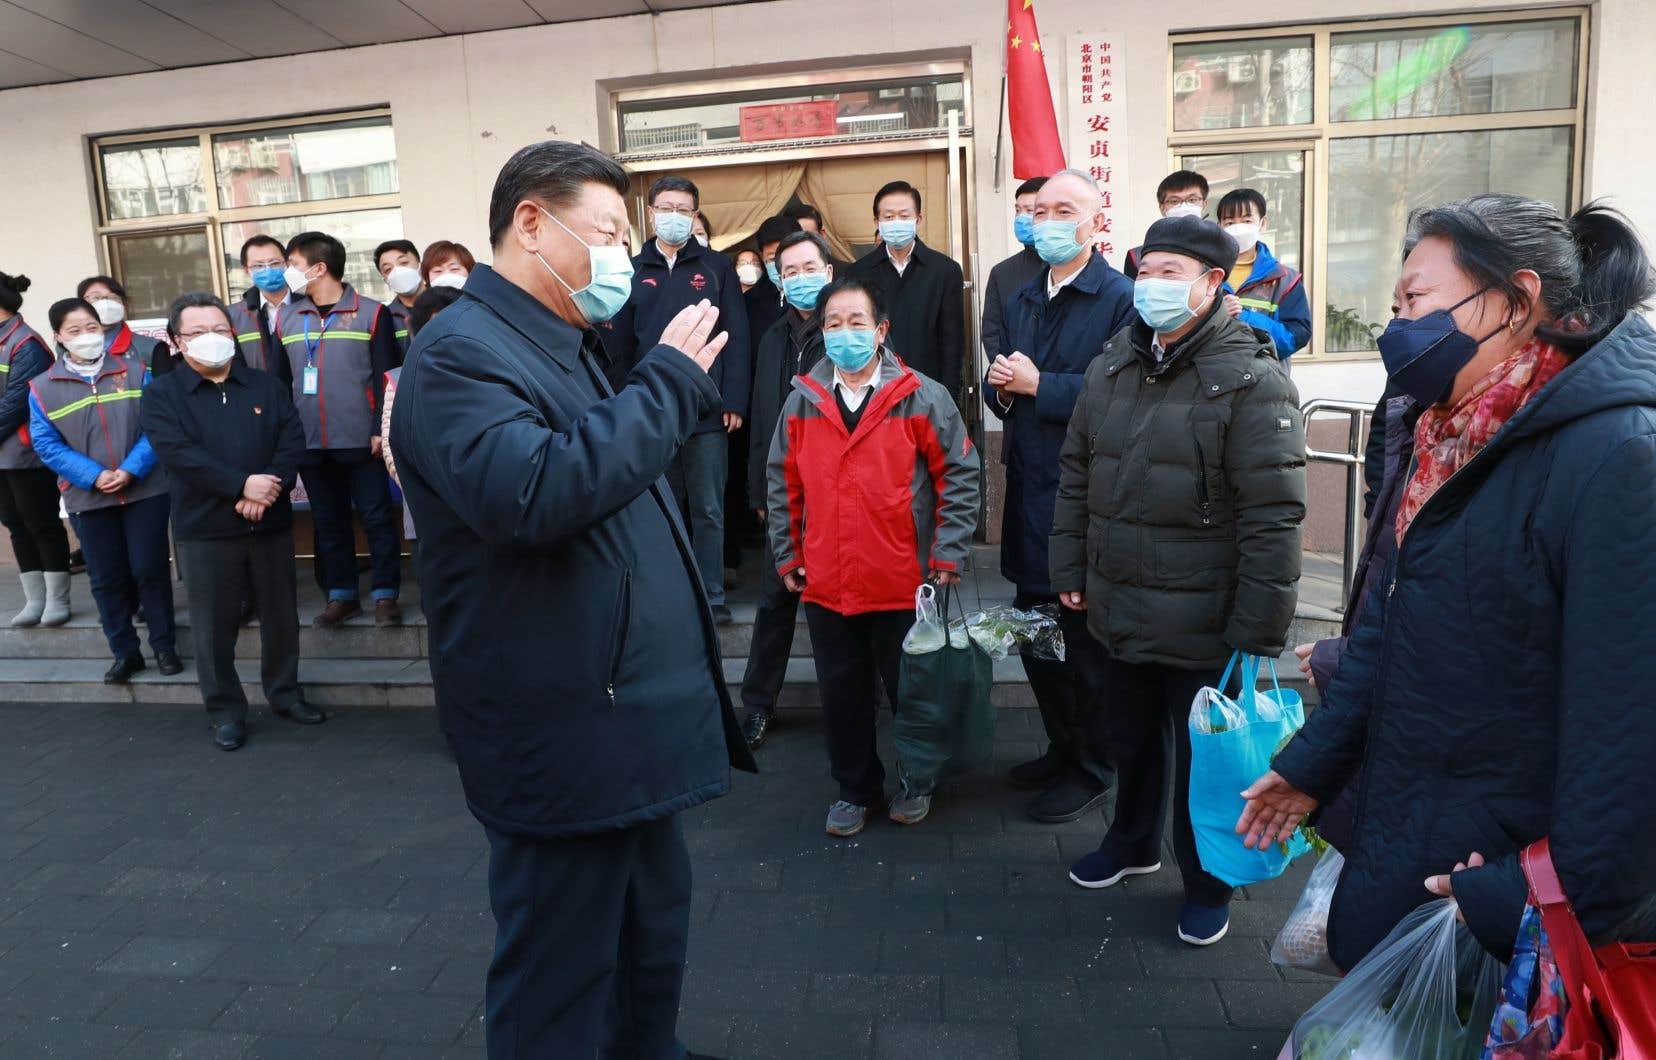 «Par un travail acharné, l'épidémie connaît une évolution positive et le travail de contrôle et de prévention est parvenu à des résultats positifs. Cela n'a pas été facile», a remarqué le président chinois, Xi Jinping.